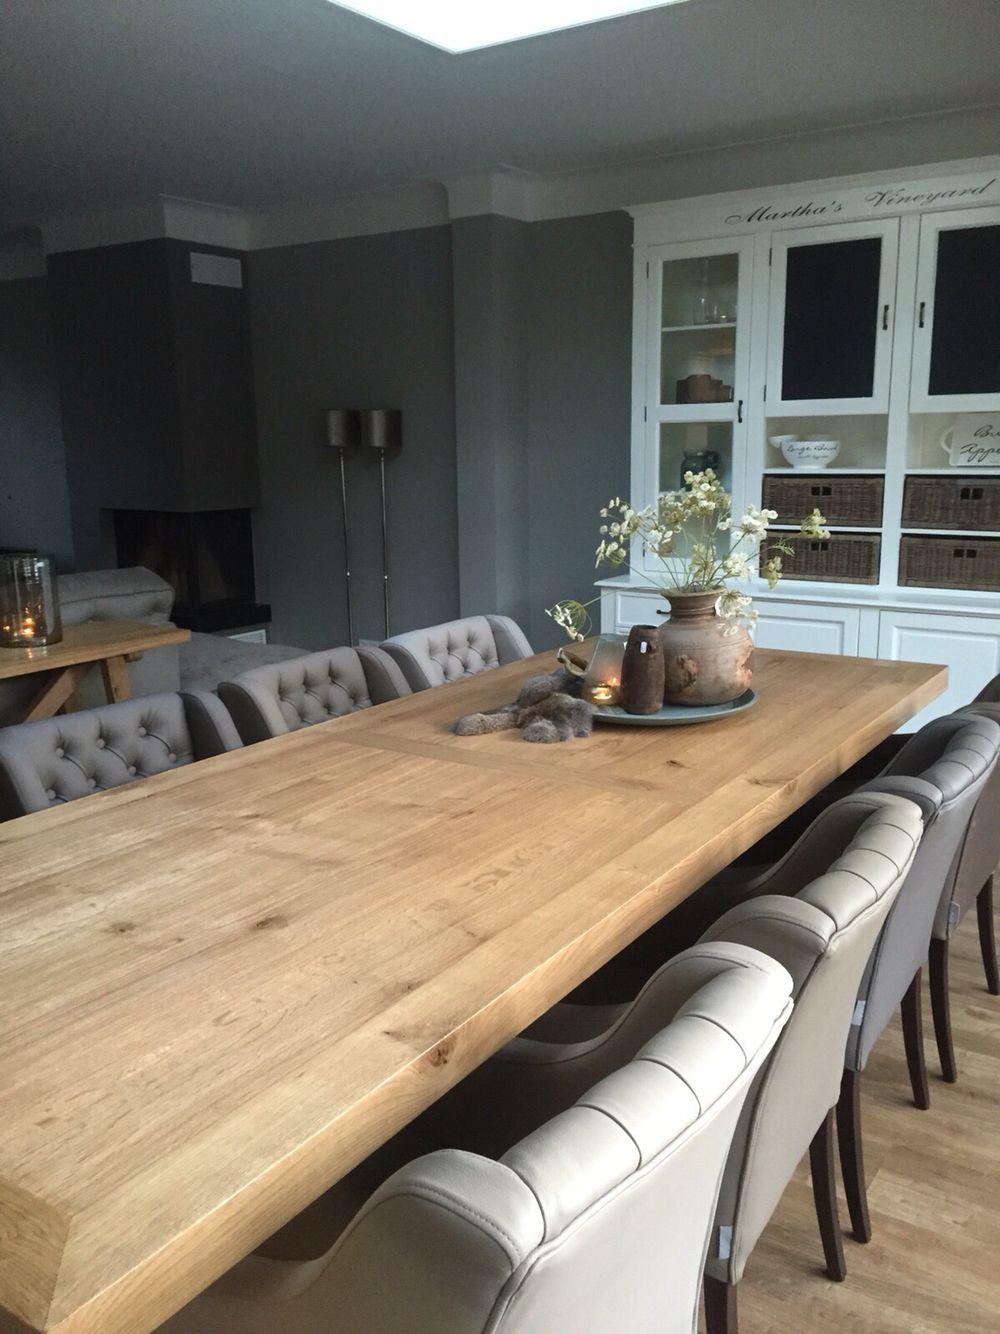 Doorkijk van keuken naar woonkamer. Advies door MaisonManon.